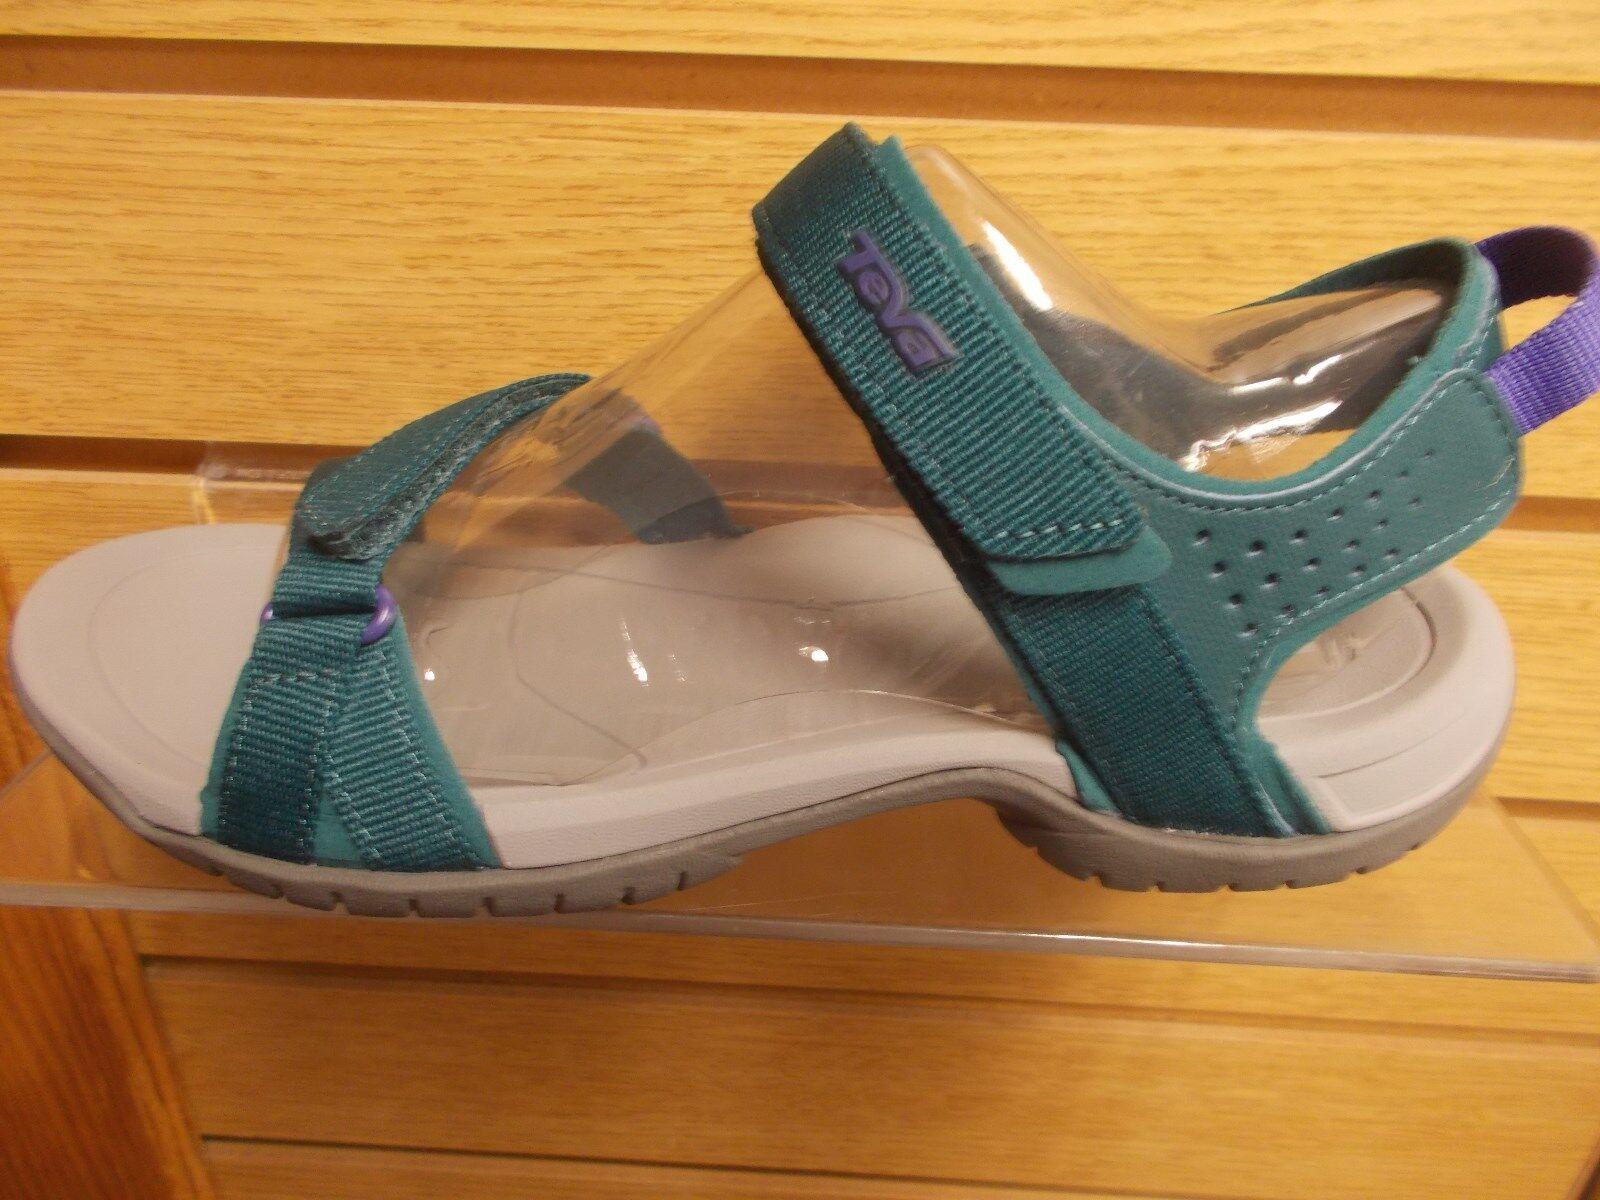 donna TEVA VERRA SANDAL FOR WATER OR WALKING WALKING WALKING TEAL NEW MULTIPLE DimensioneS 30ac77